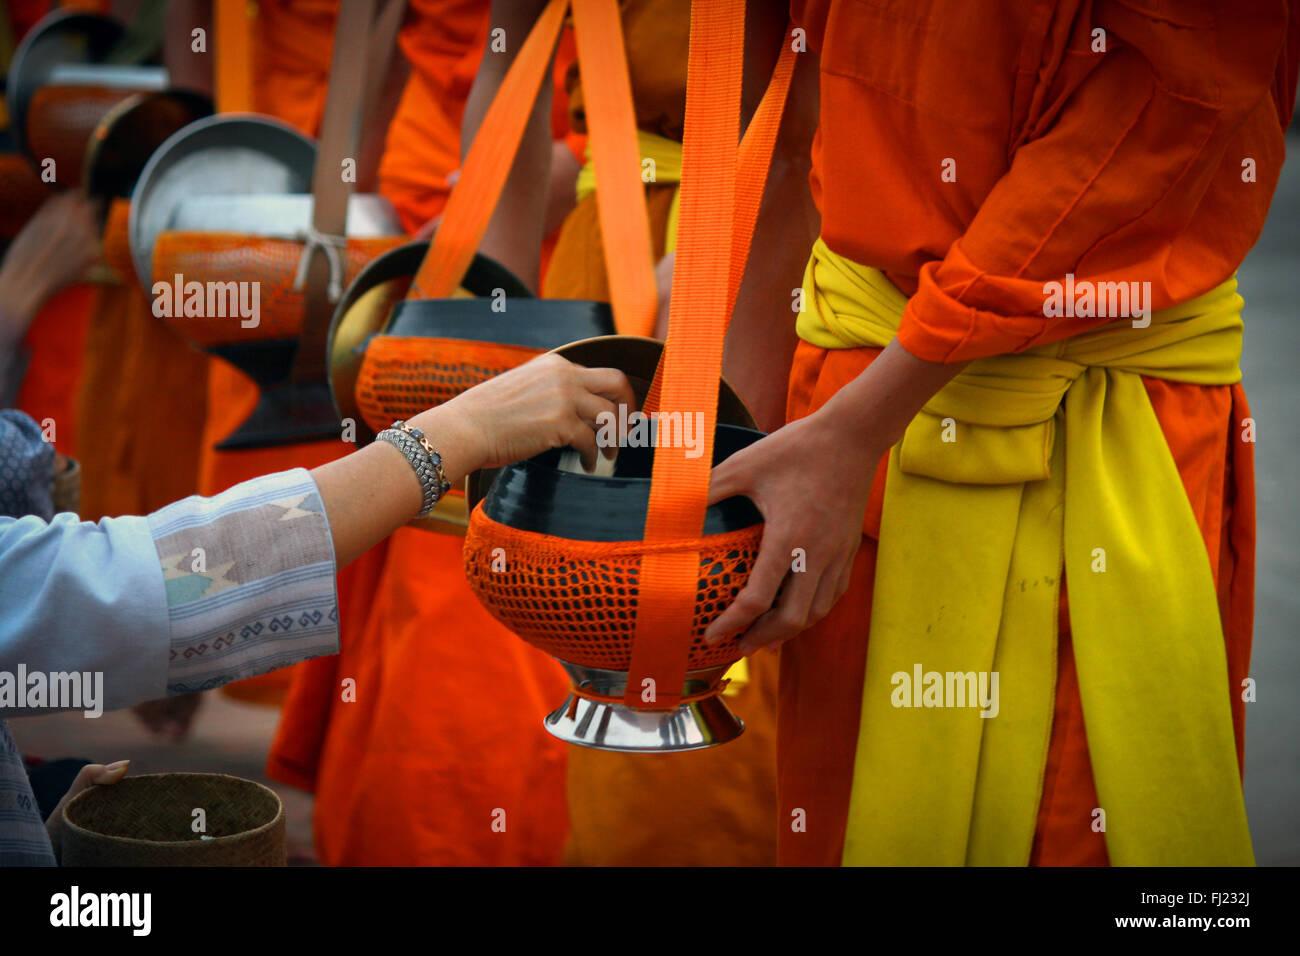 Tak Bat Ritual - Buddhistische Mönche erhalten Reis und Lebensmittel aus pupulation am frühen Morgen in Luang Prabang, Laos, Asien Stockfoto